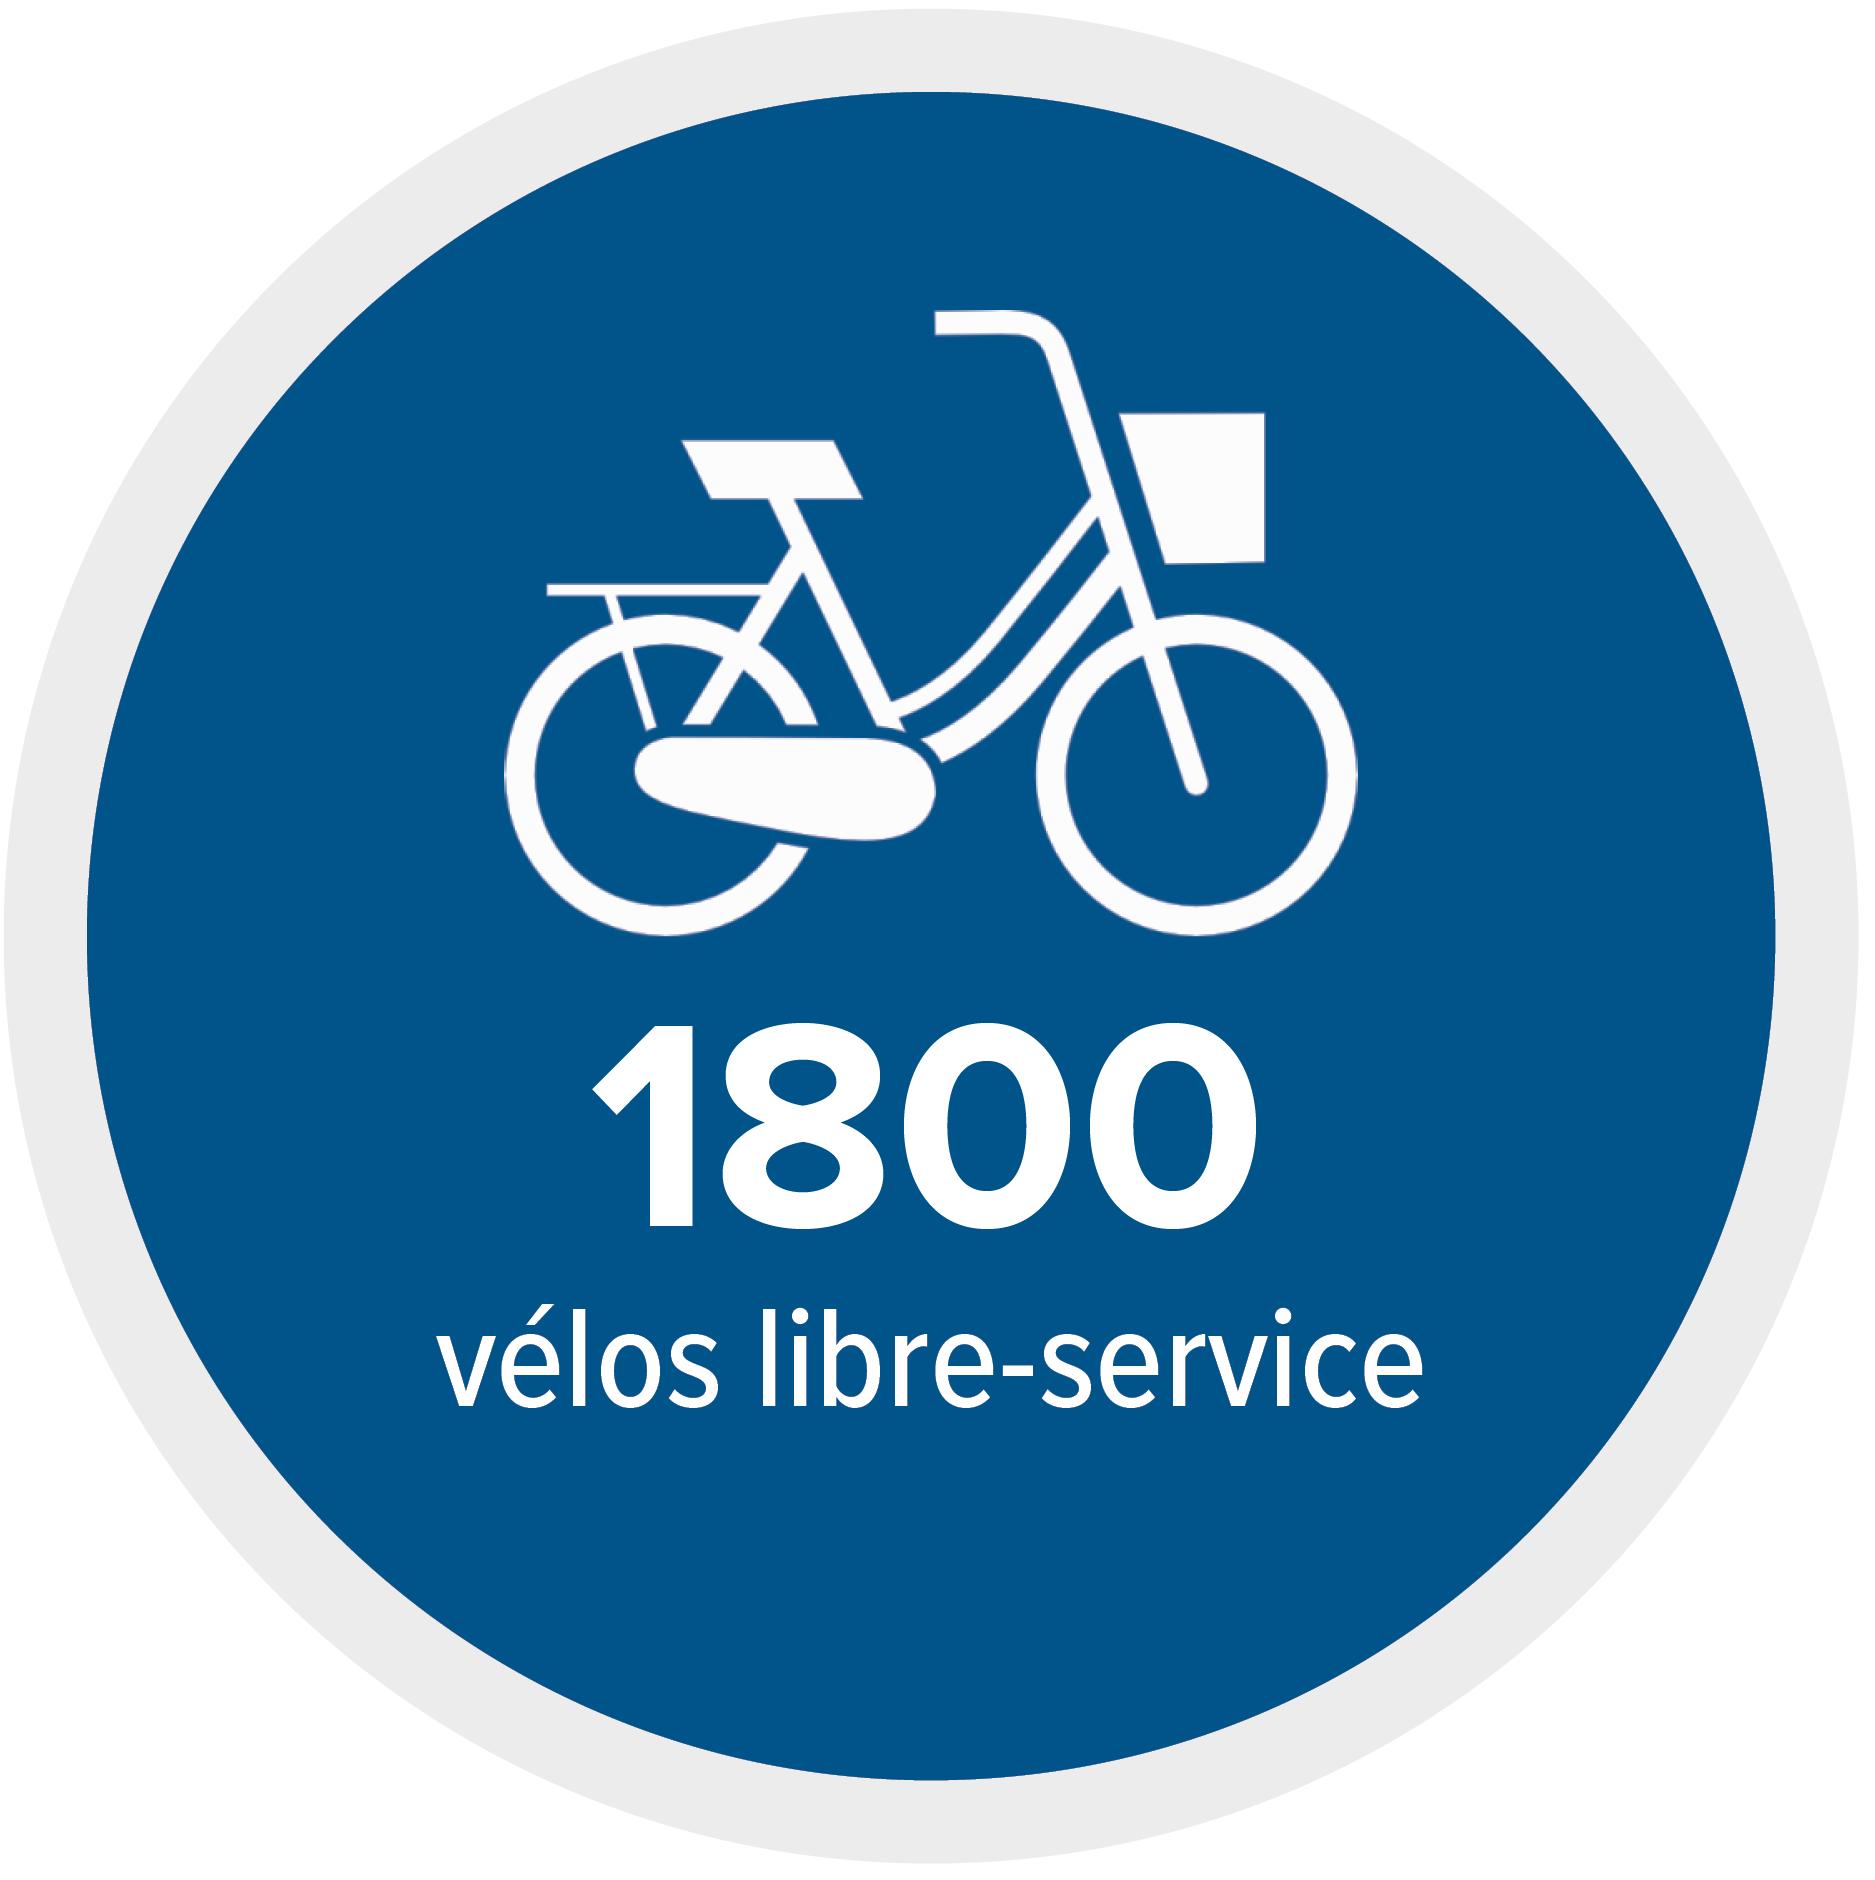 1800 VLS